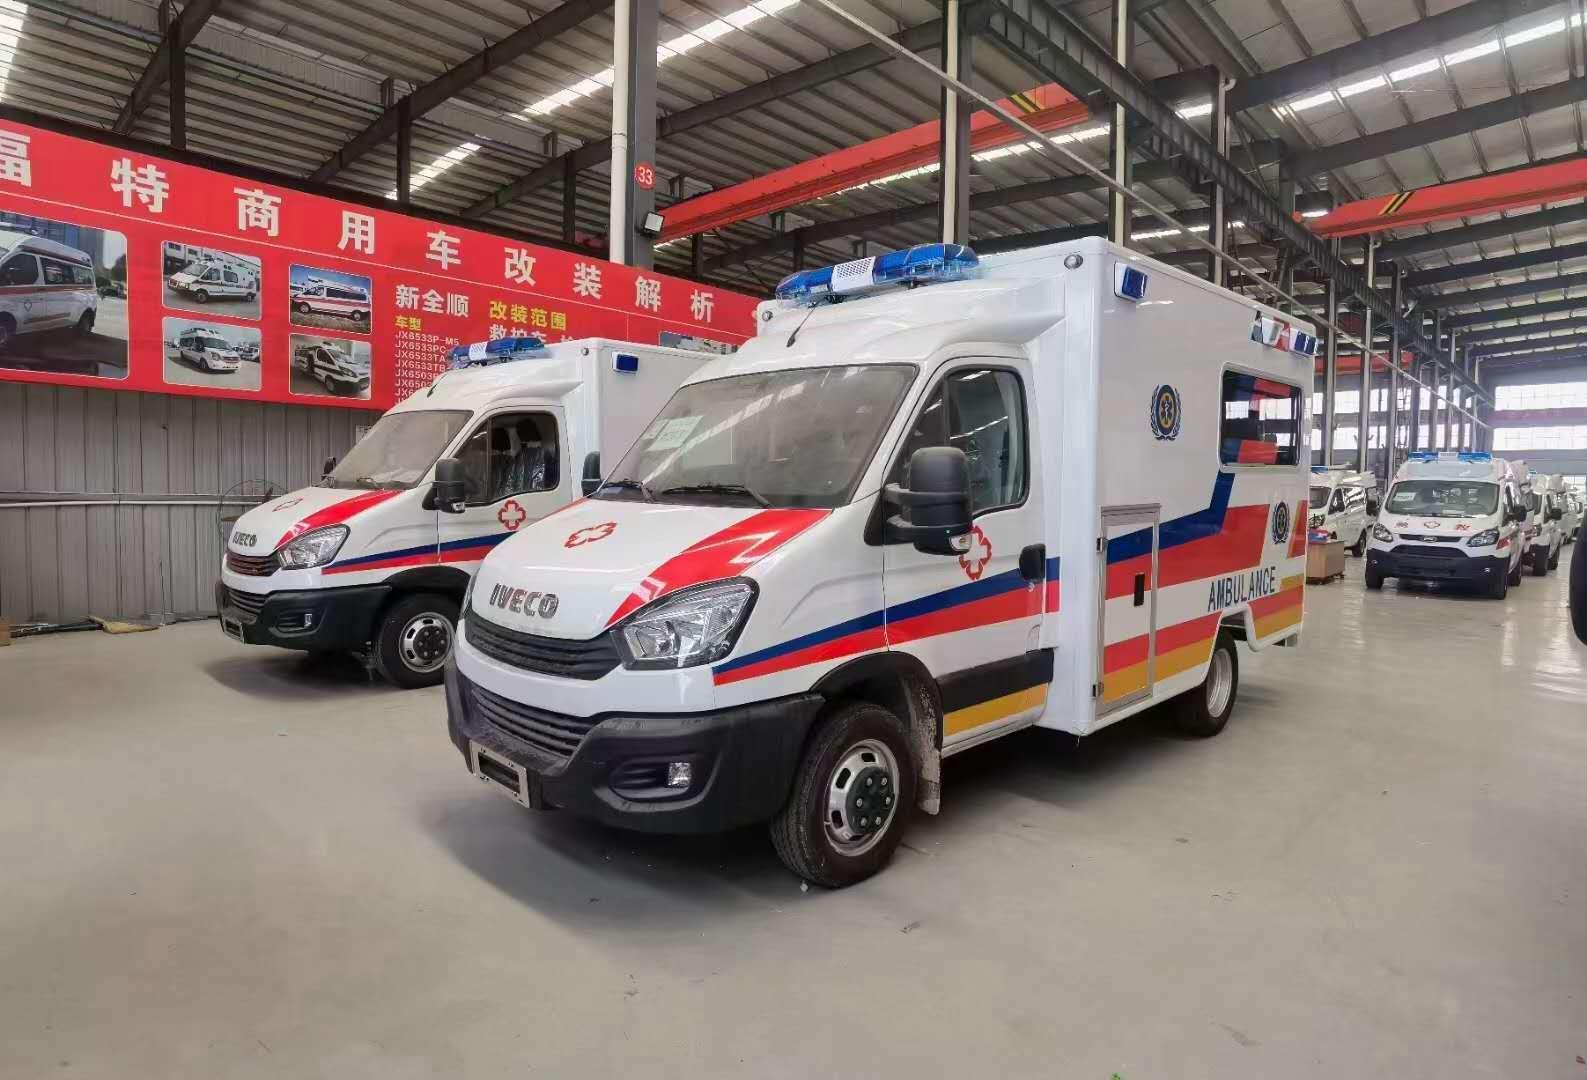 依维柯高端方舱救护车担架负压仓设备齐全图片图片